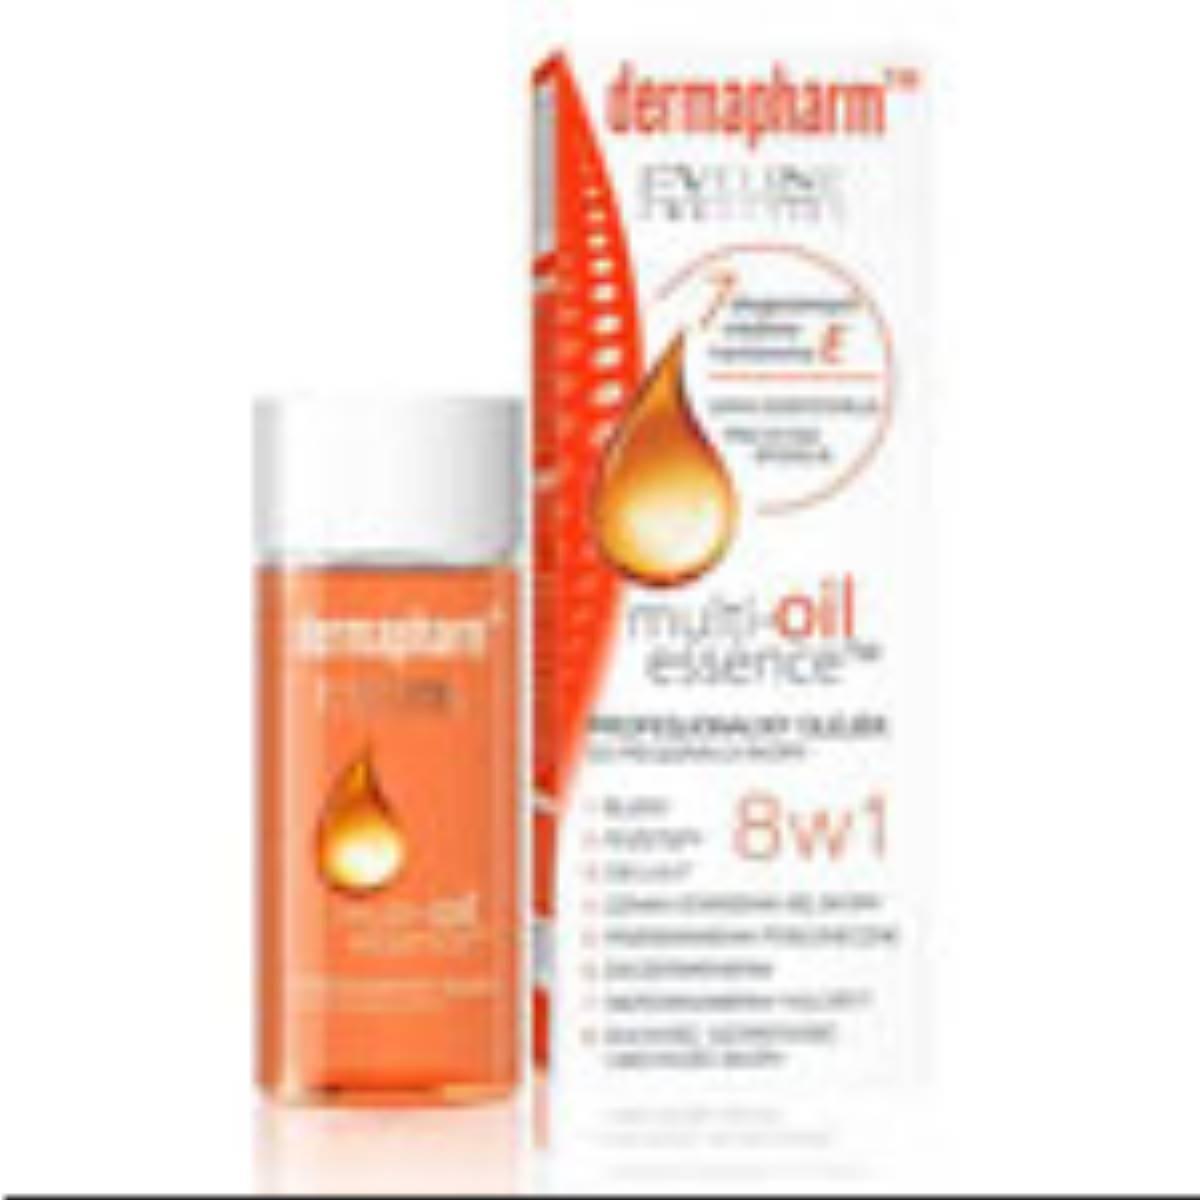 Dermapharm-Multi-oil-essence-8-w-1-_min